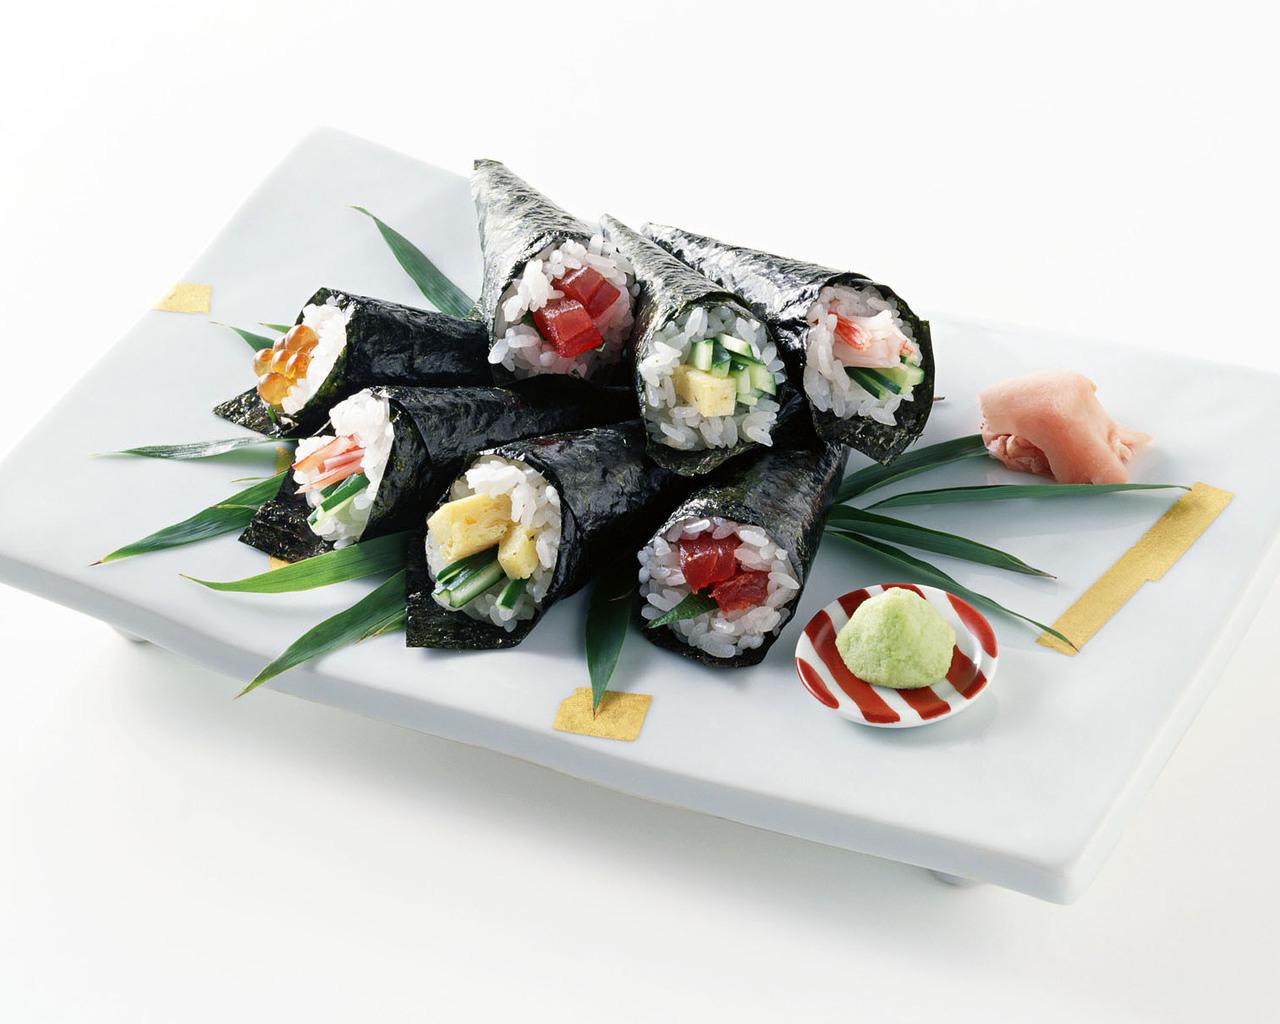 Wasabi Sushi Shop Wrocław Produkty i Akcesoria do Sushi i Kuchni Orientalnej (53)